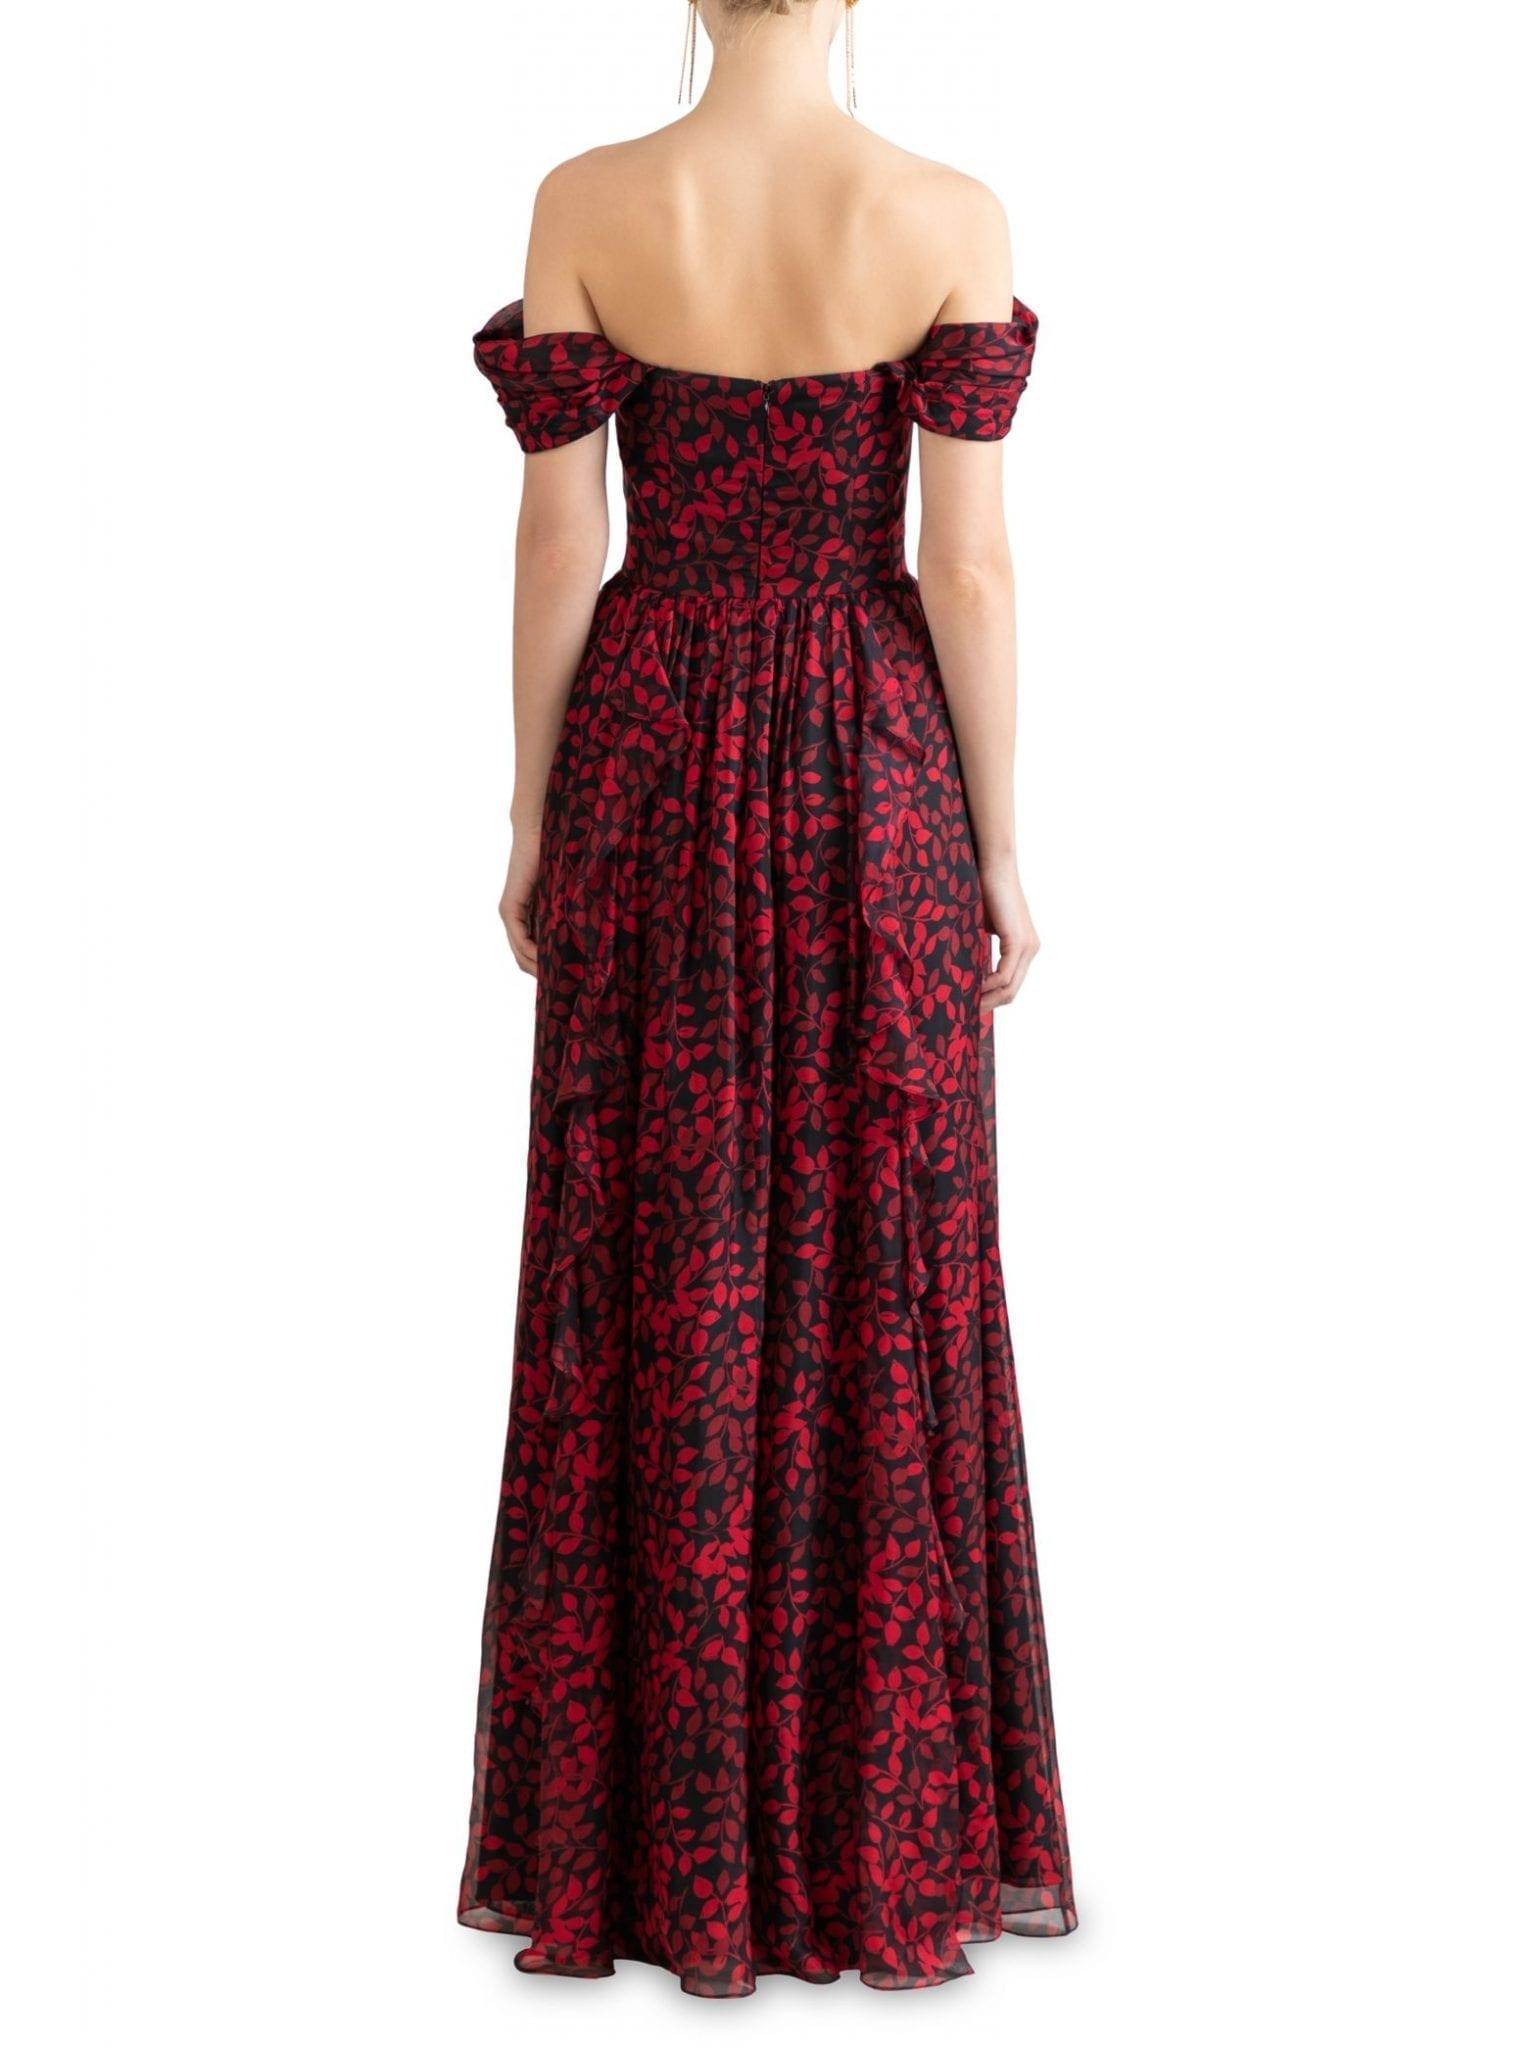 SHOSHANNA Anais Off-The-Shoulder Dress